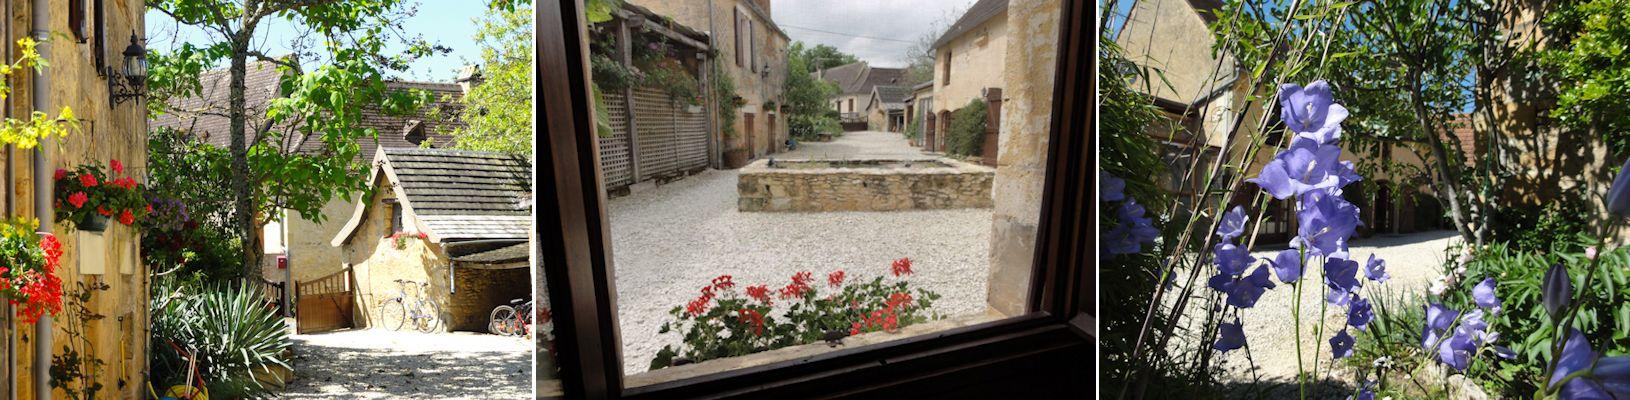 Le Chevrefeuille B&B Dordogne